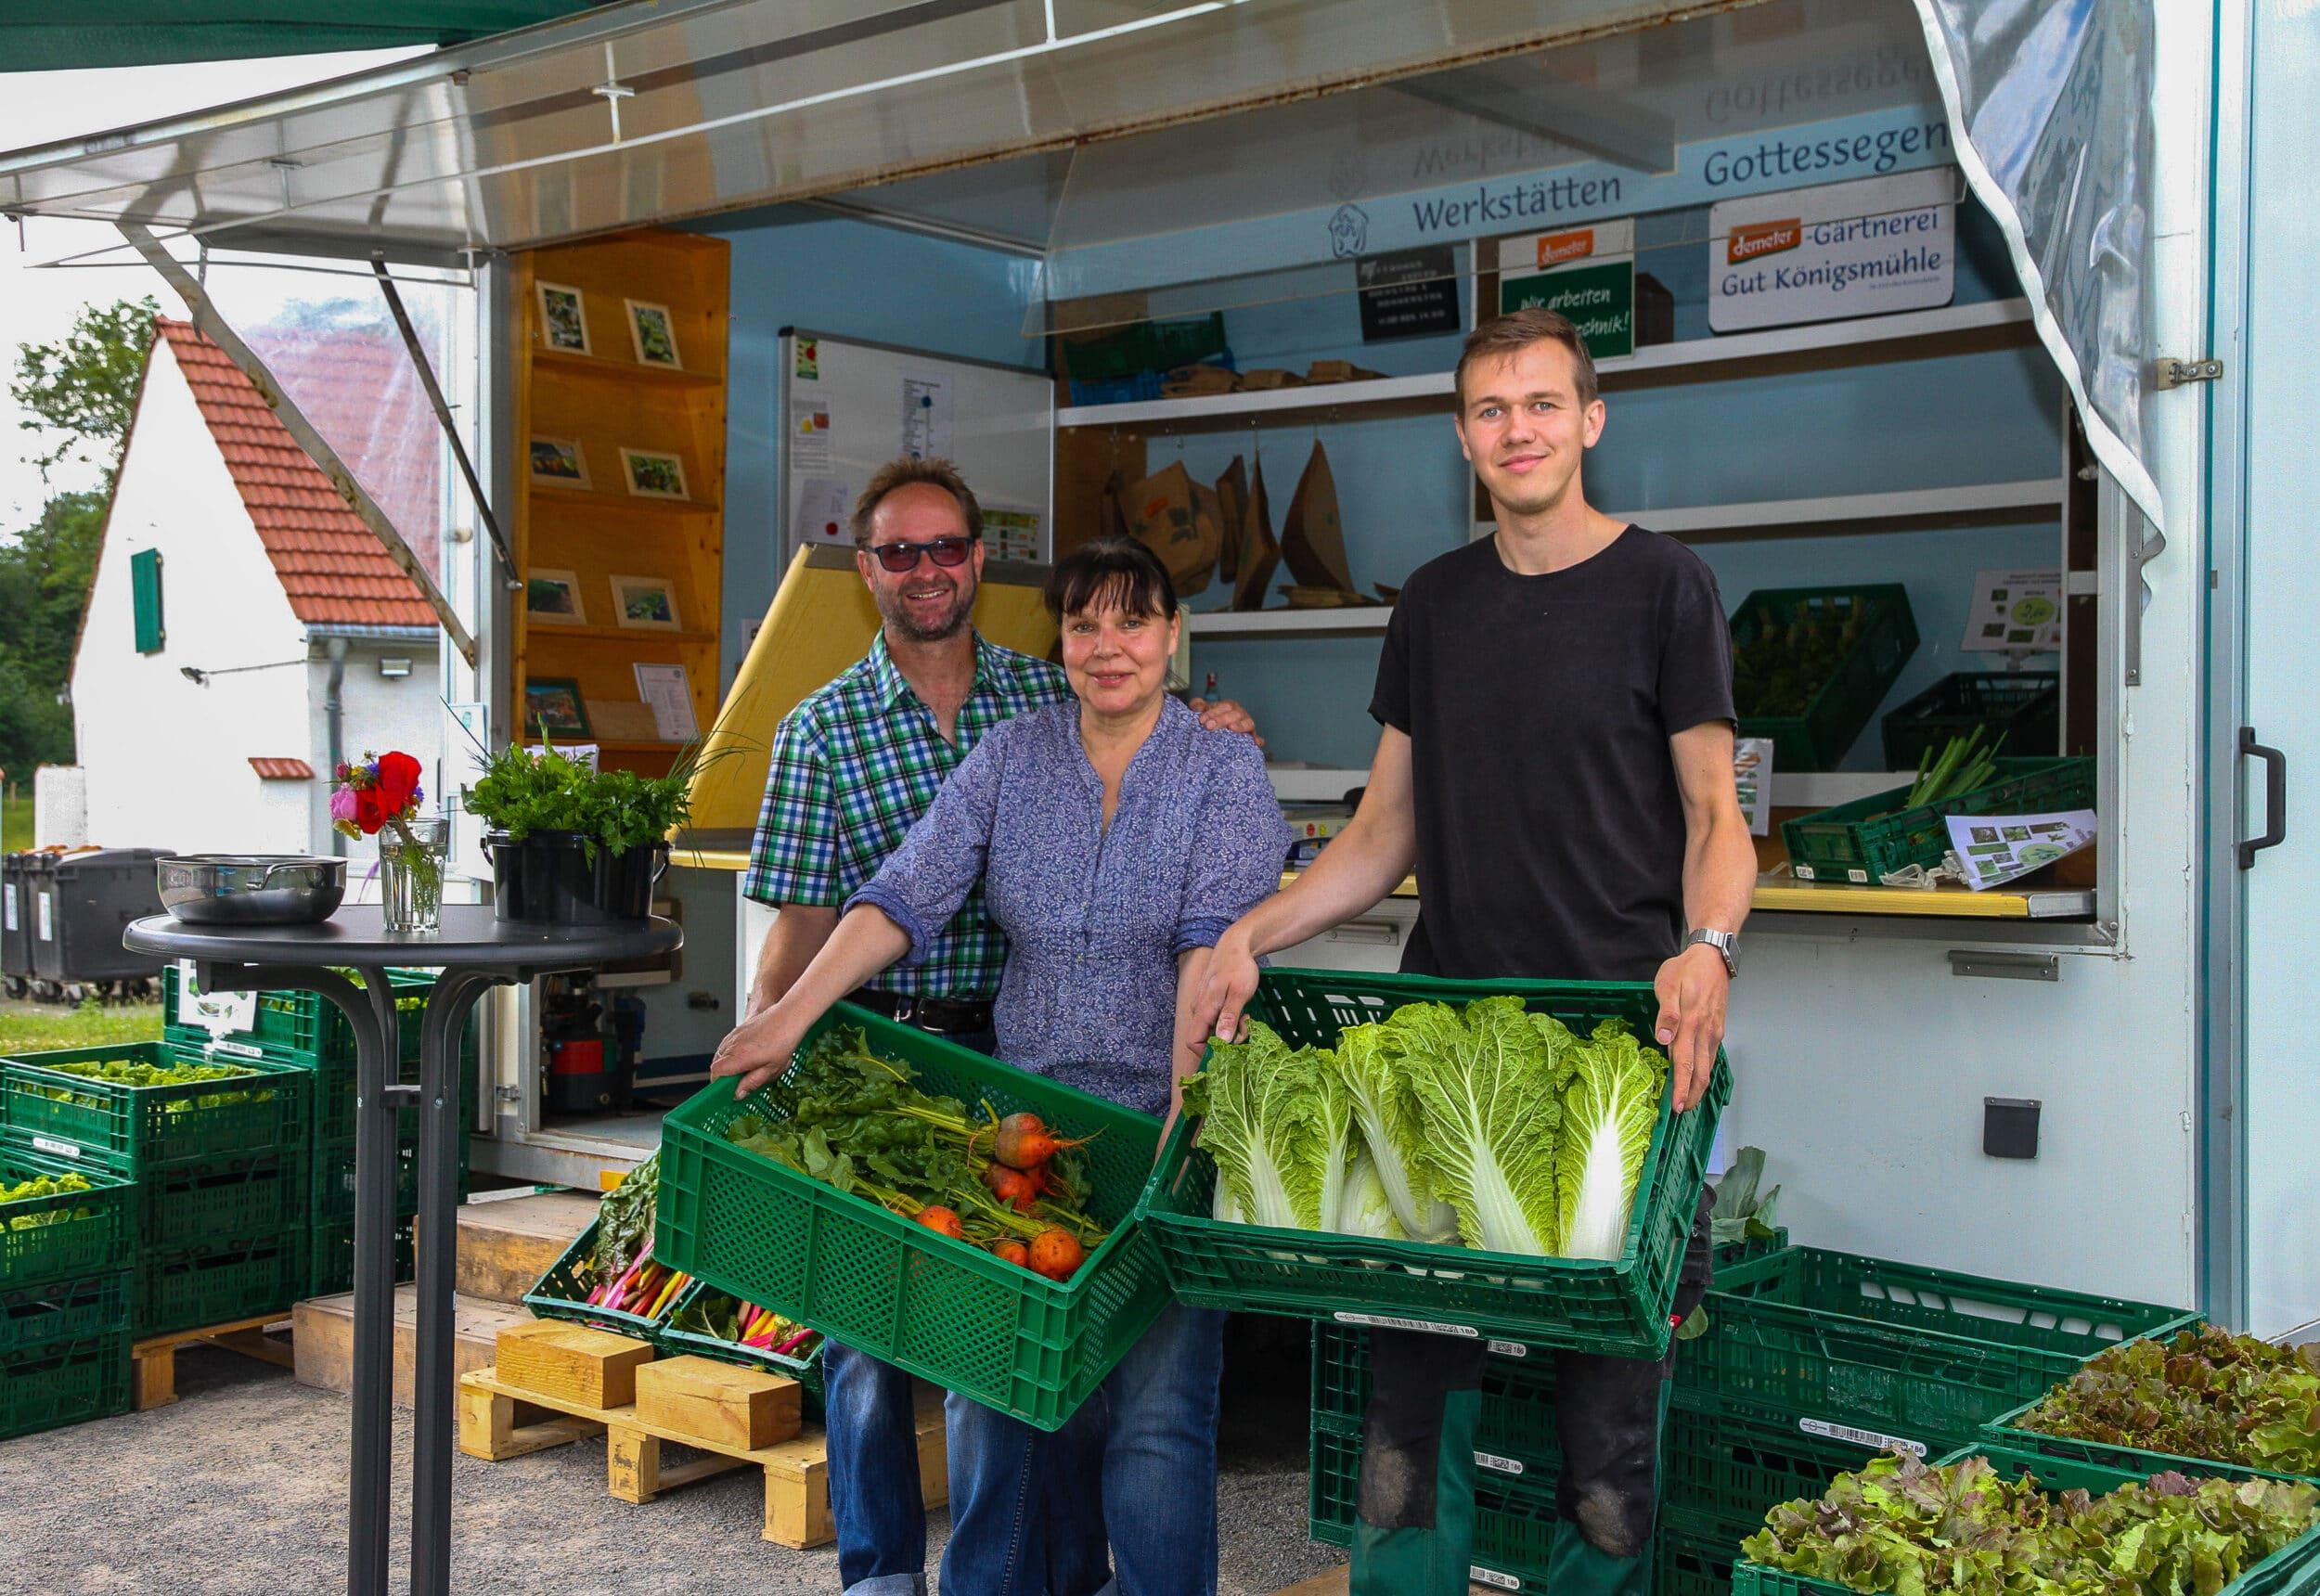 Gemüse von hier – Verkaufswagen der Demeter-Gärtnerei auf Gut Königsmühle startet in die Erntesaison